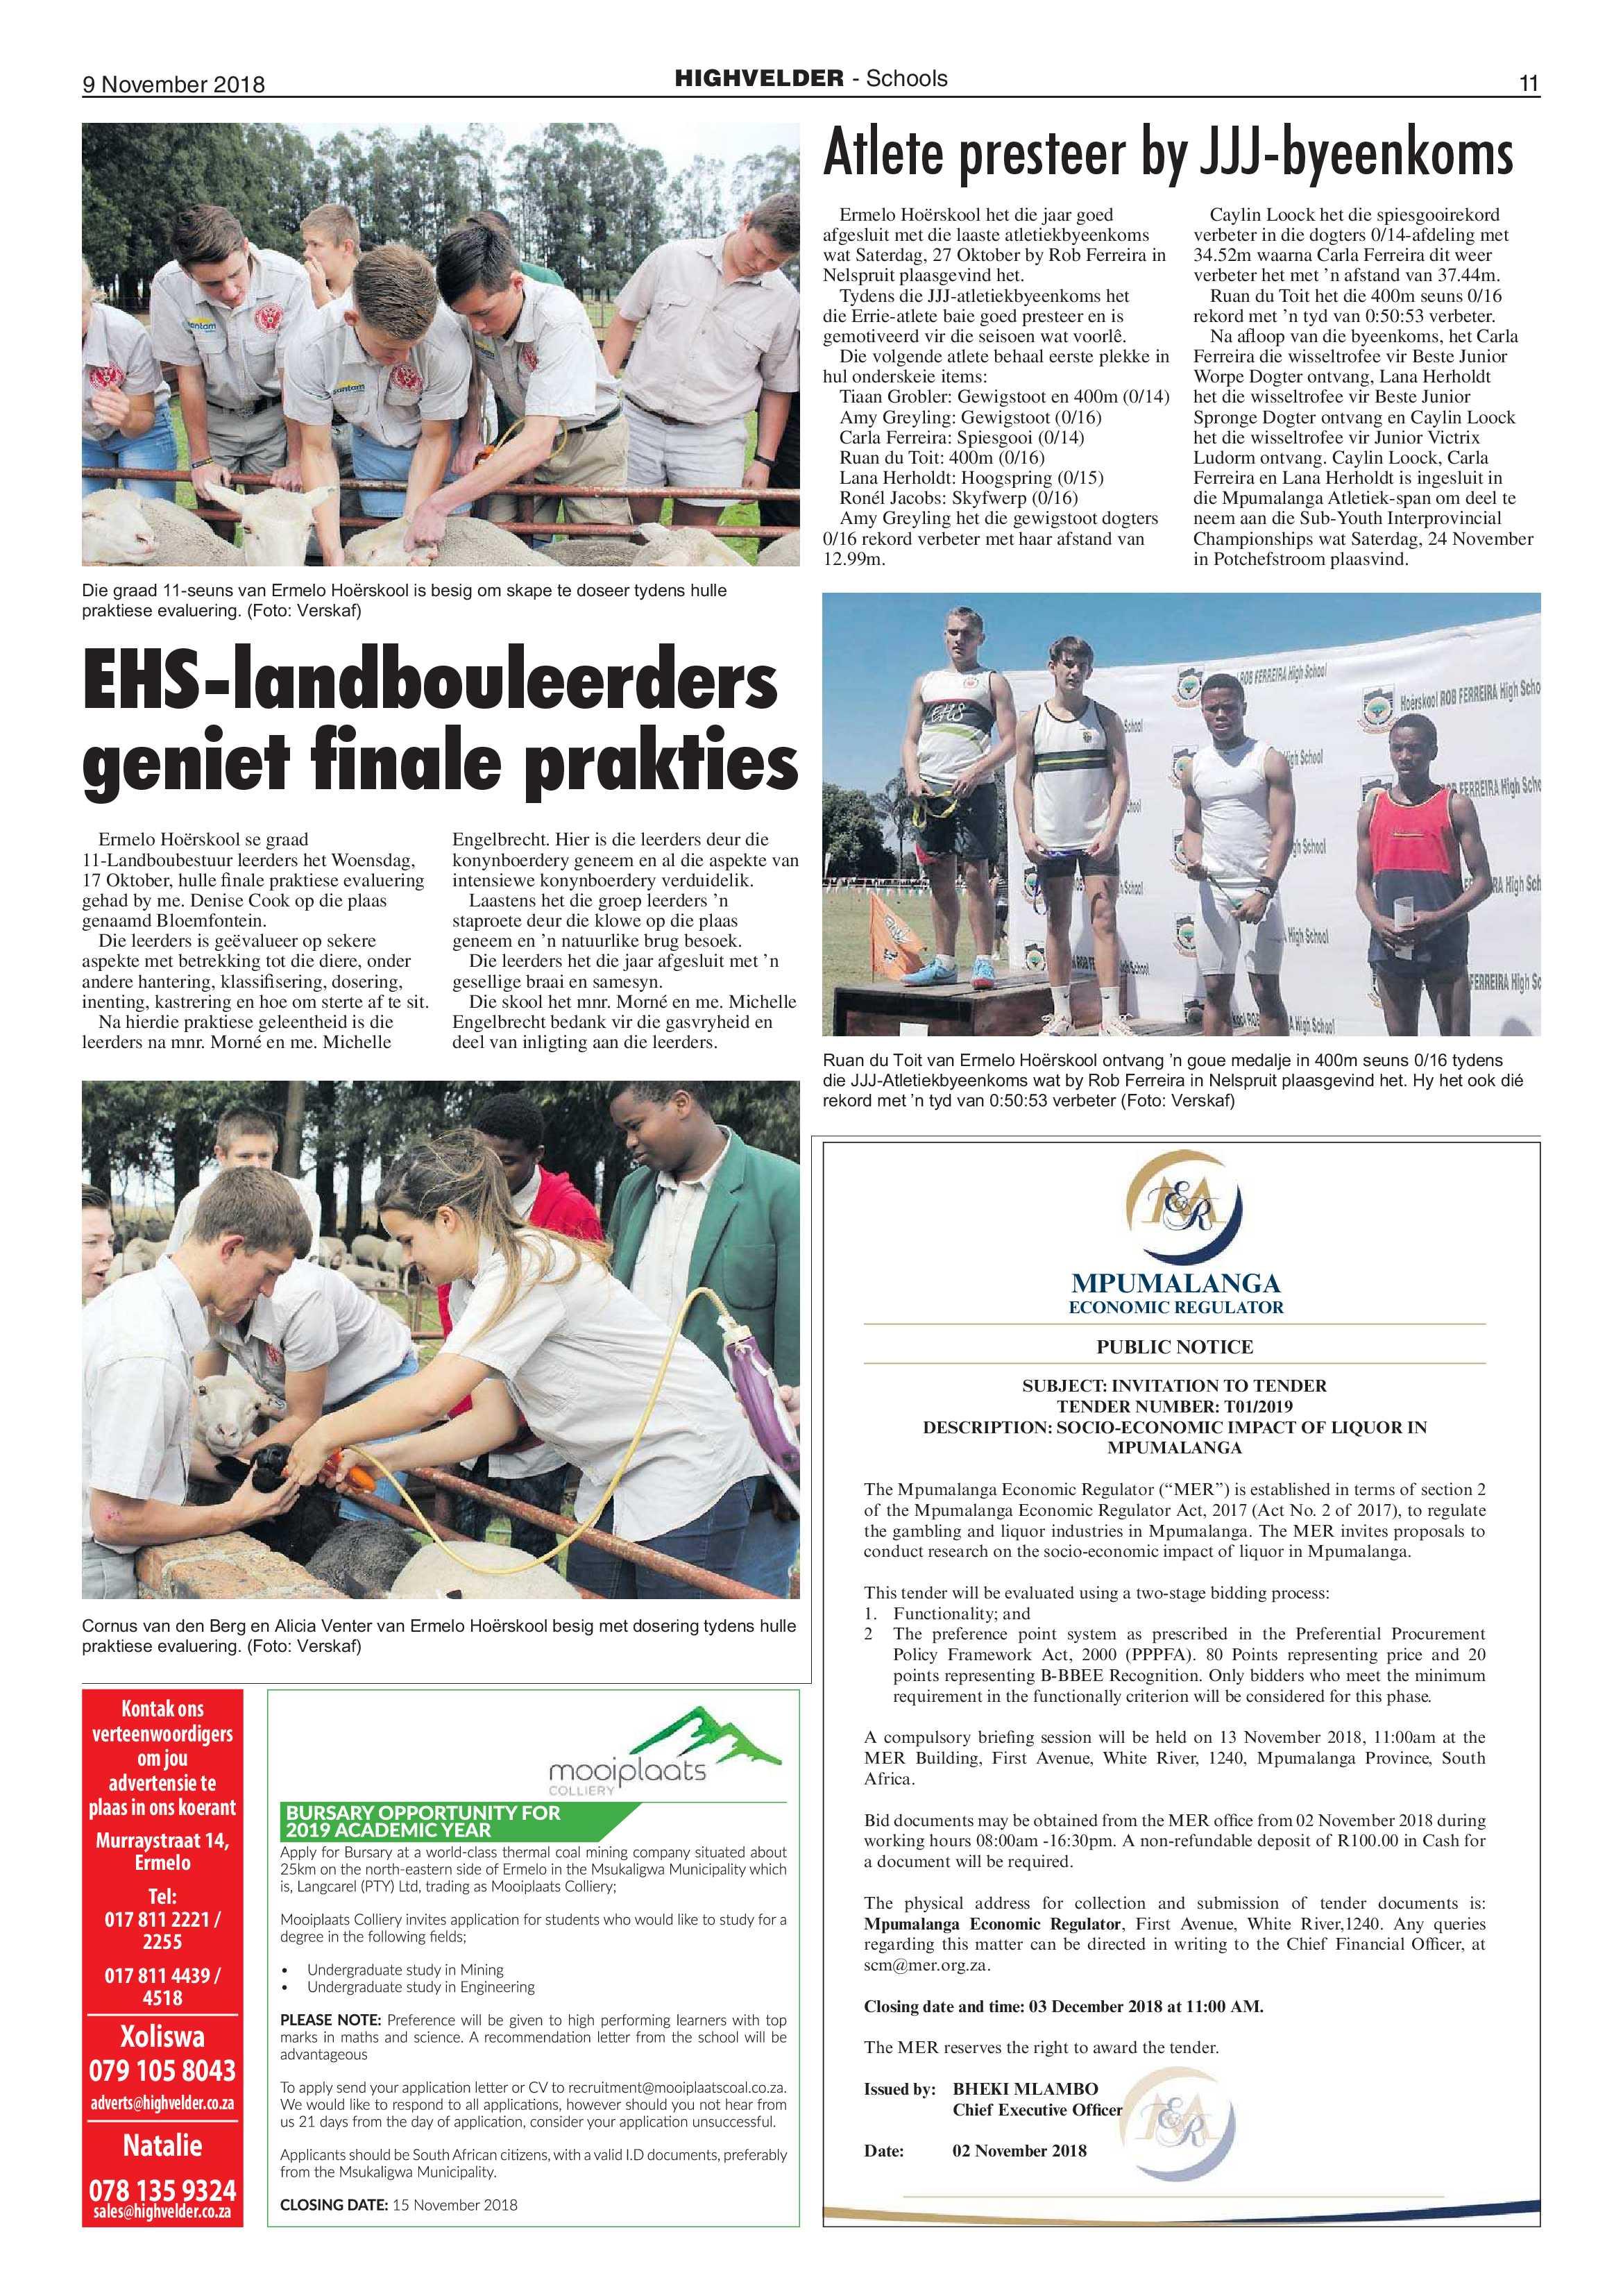 highvelder-09-november-2018-epapers-page-11